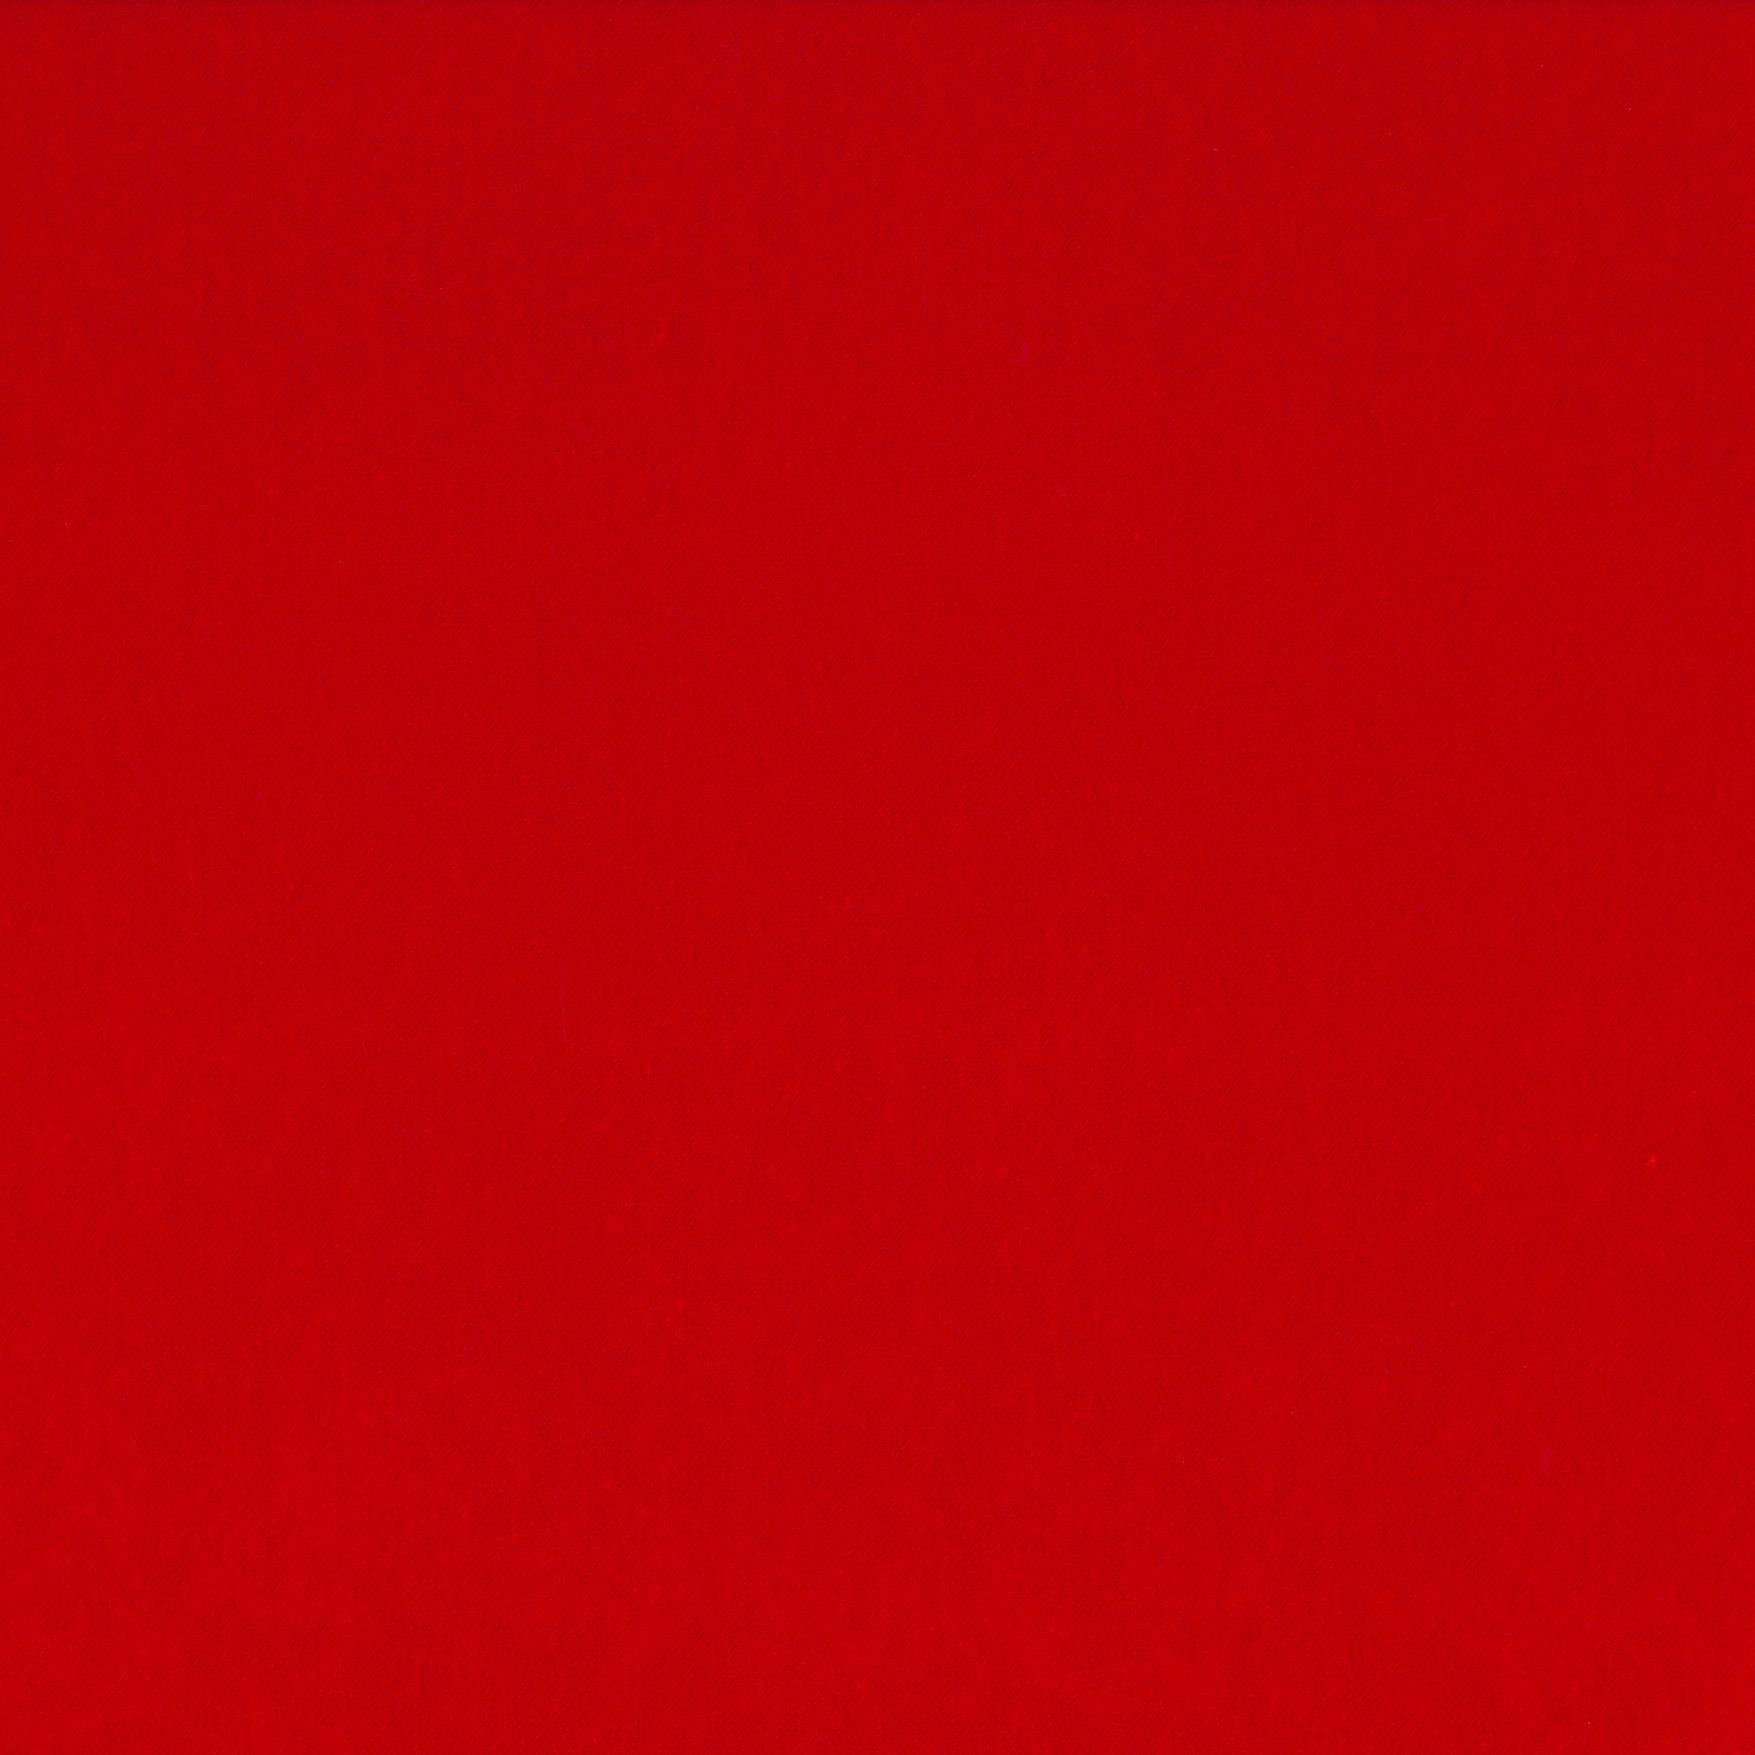 3 Classic velvet red